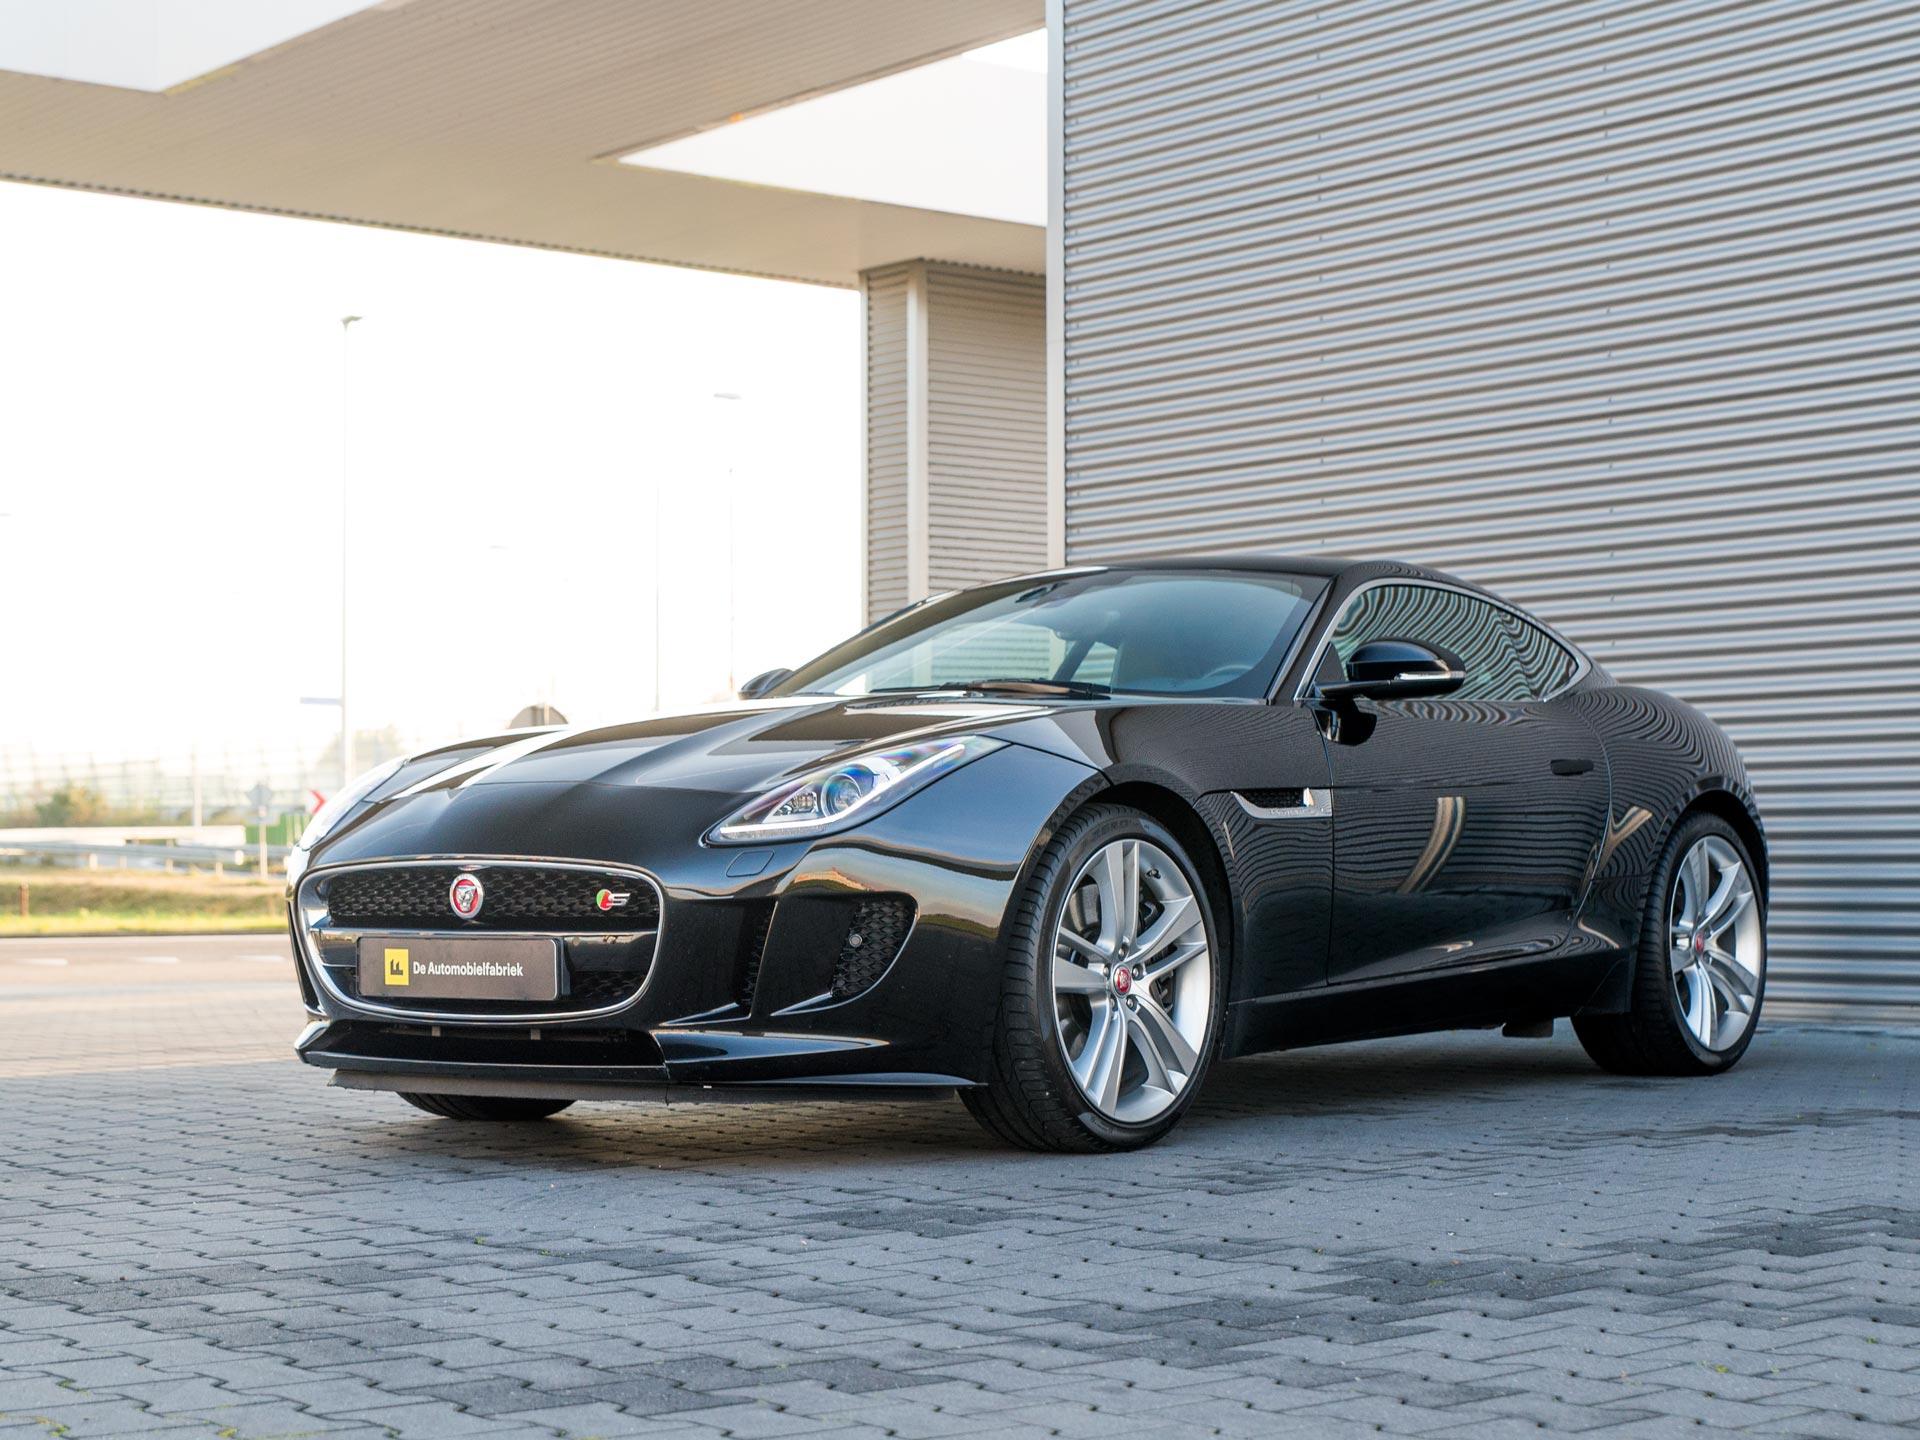 Tweedehands Jaguar F-Type occasion